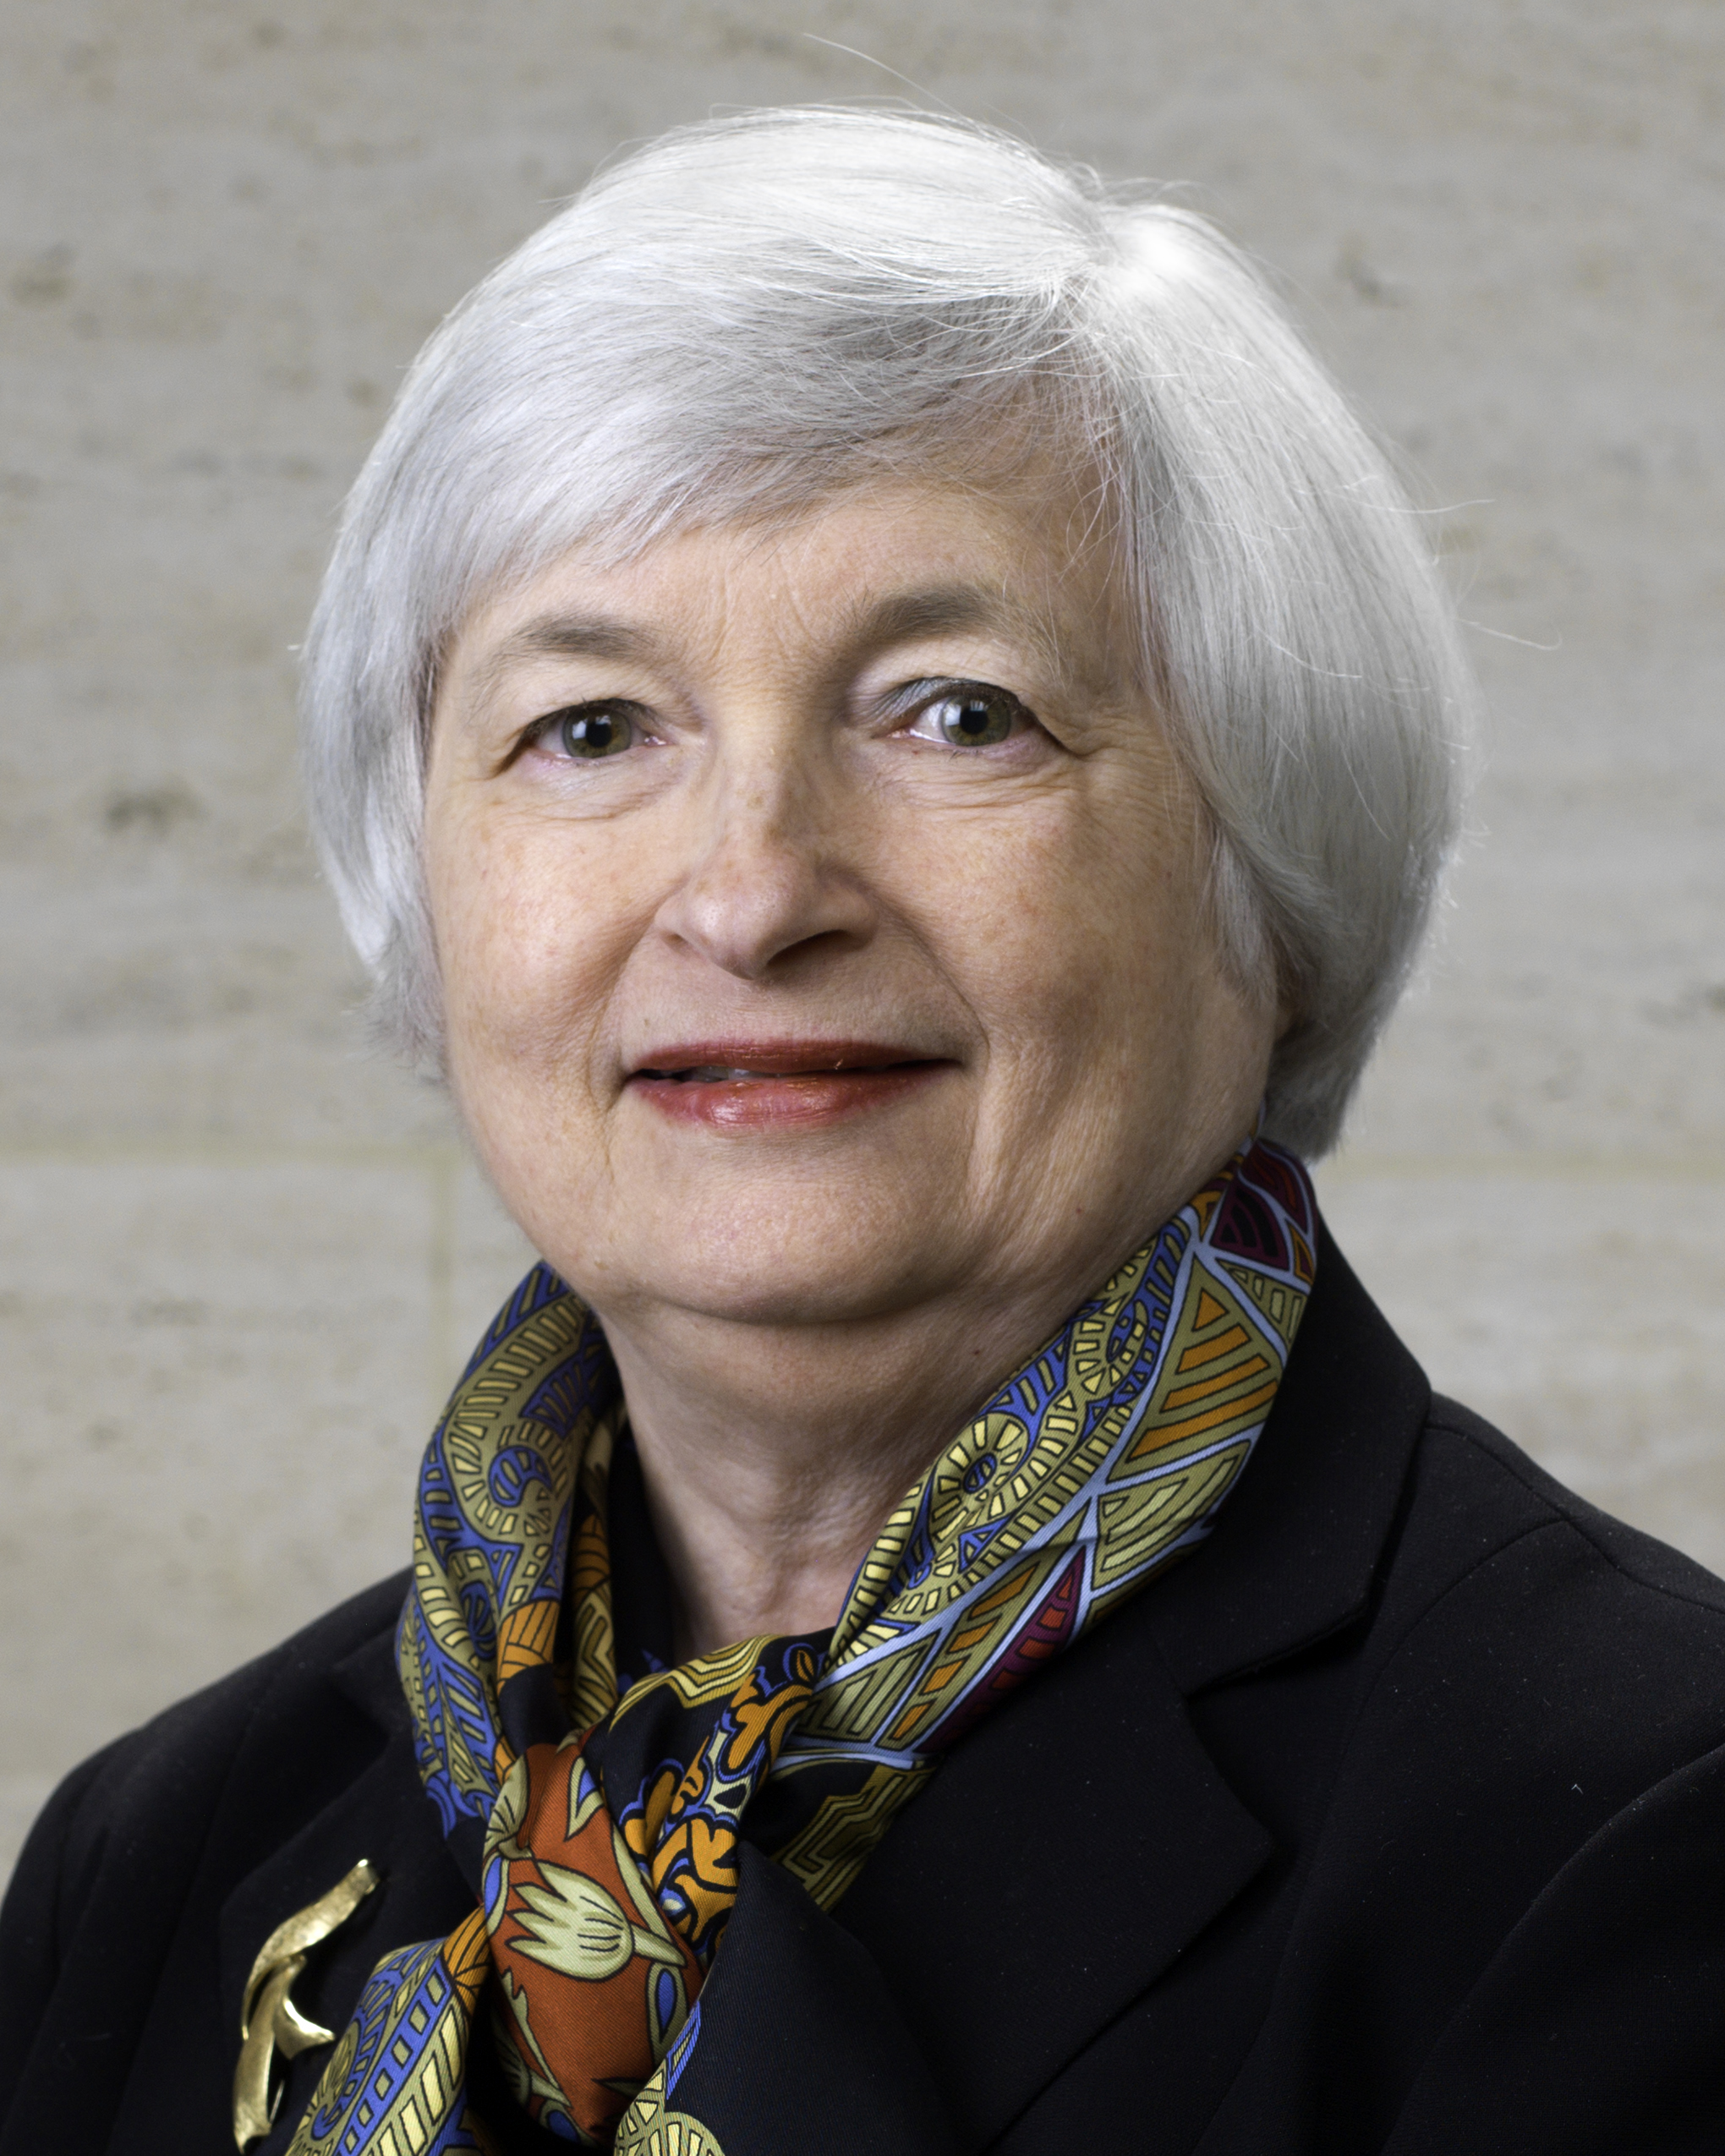 Veja o que saiu no Migalhas sobre Janet Yellen